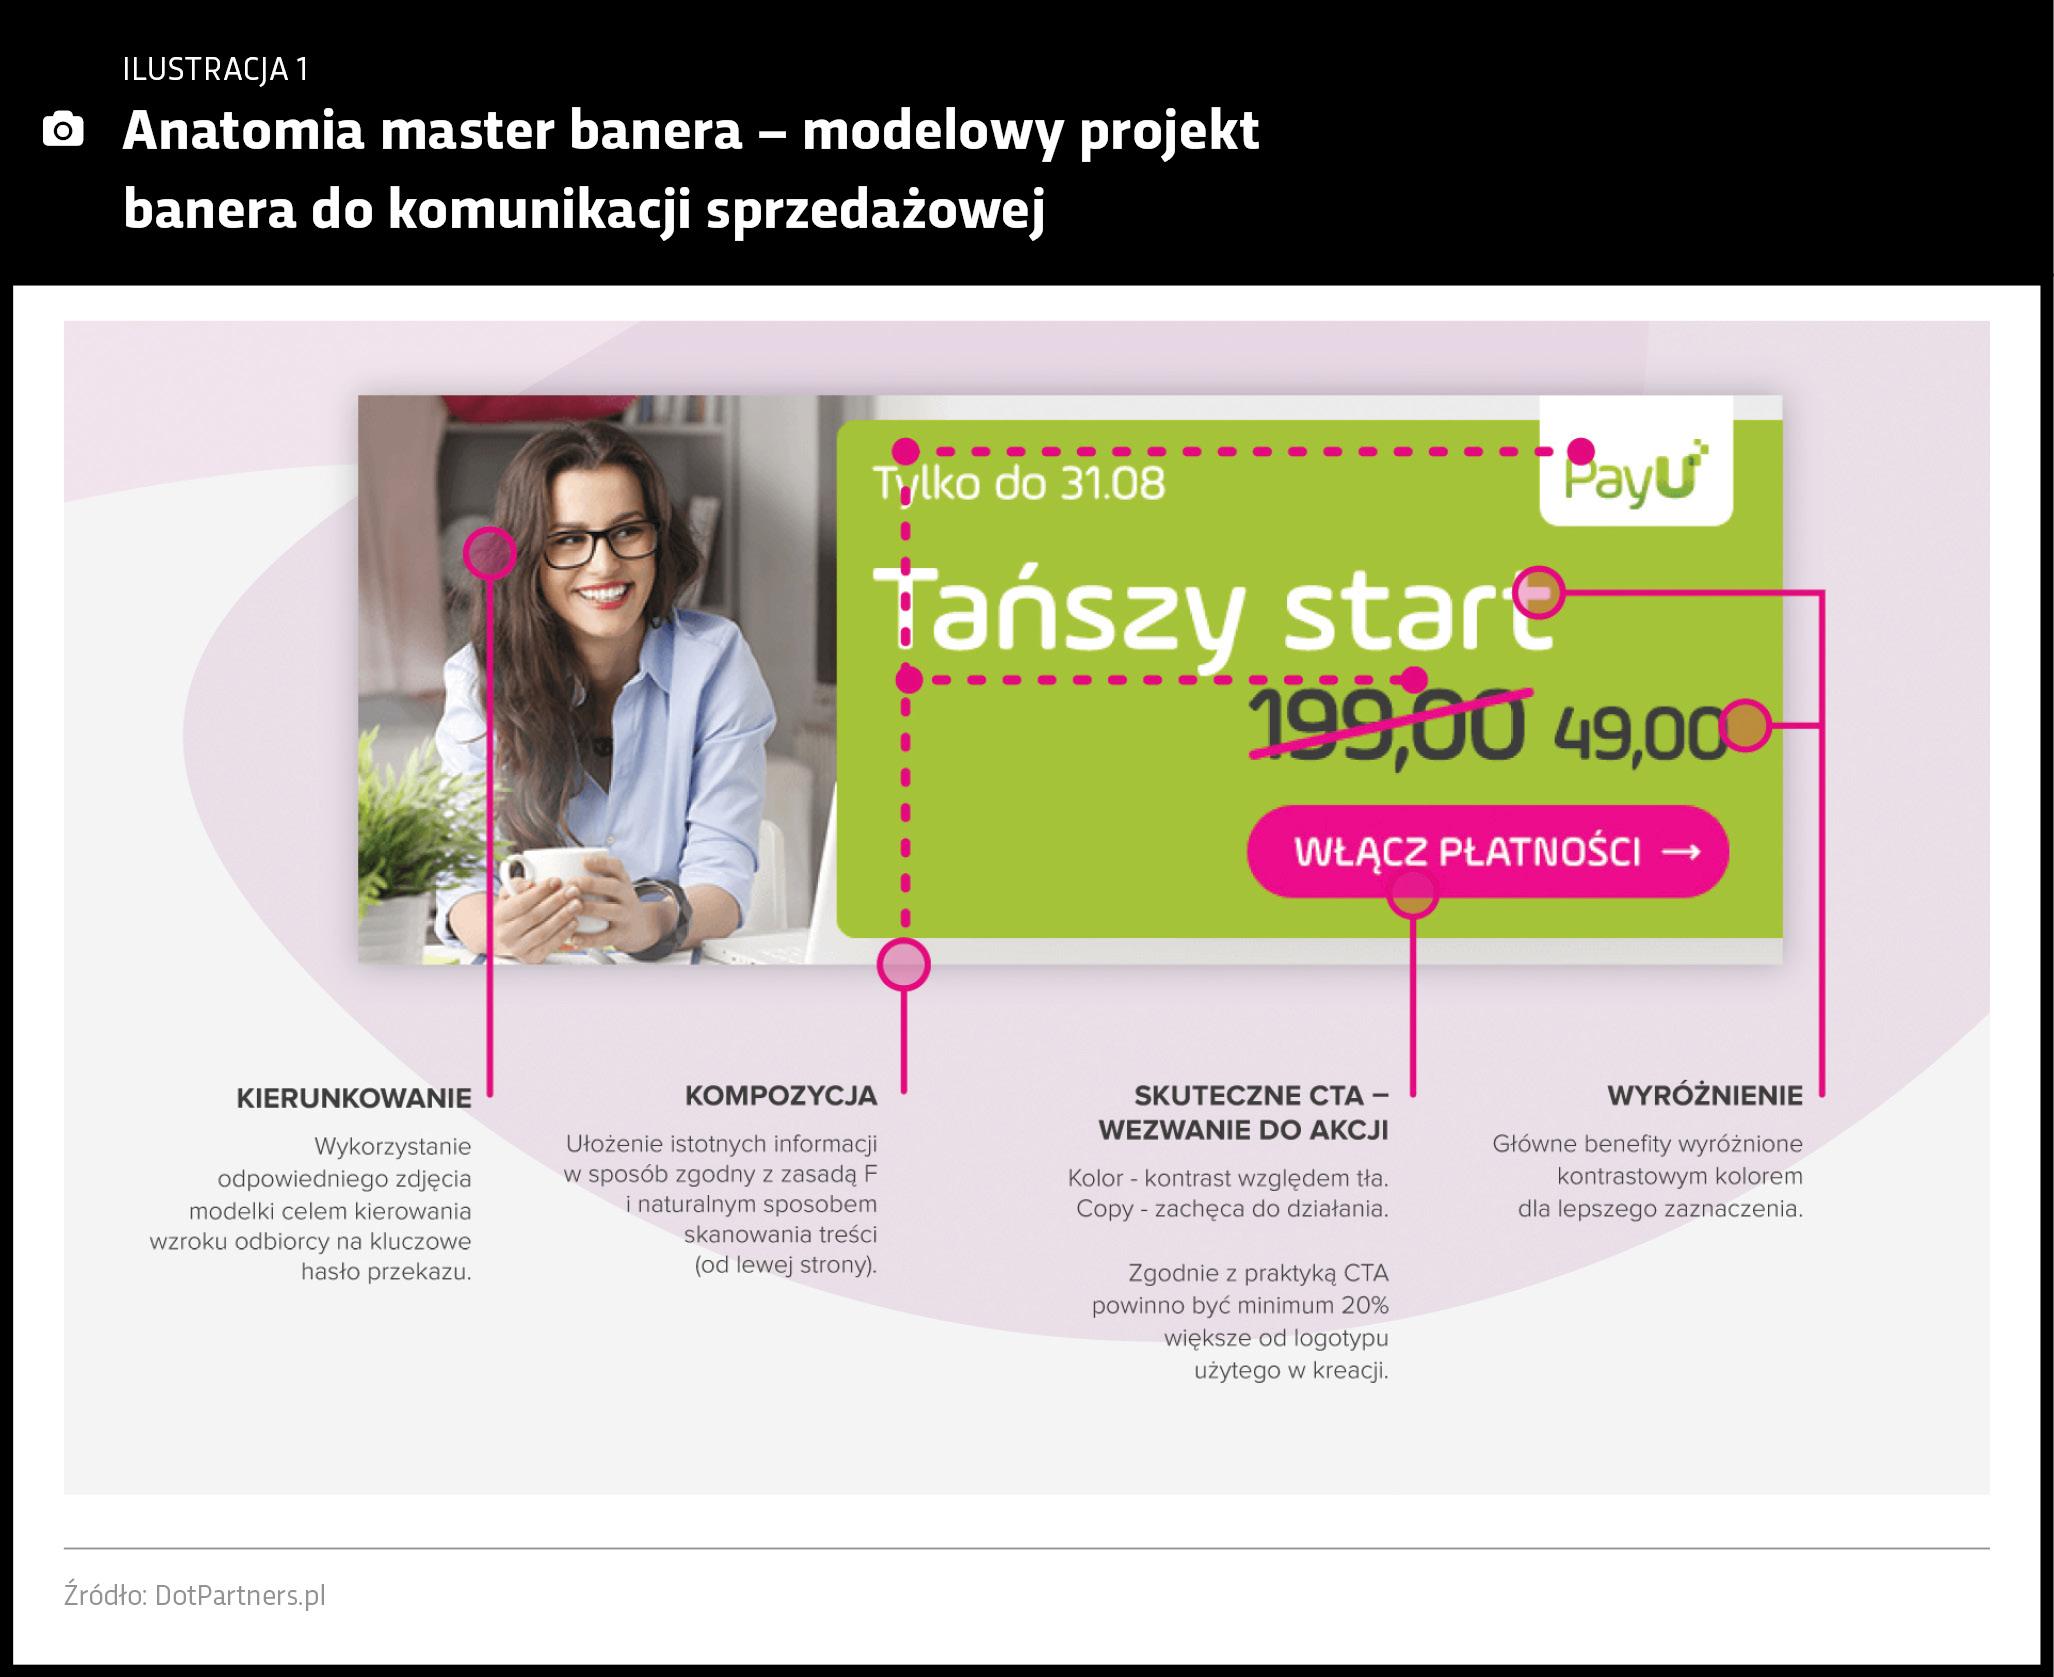 Modelowy produkt banera w efektywnej kreacji sprzedażowej